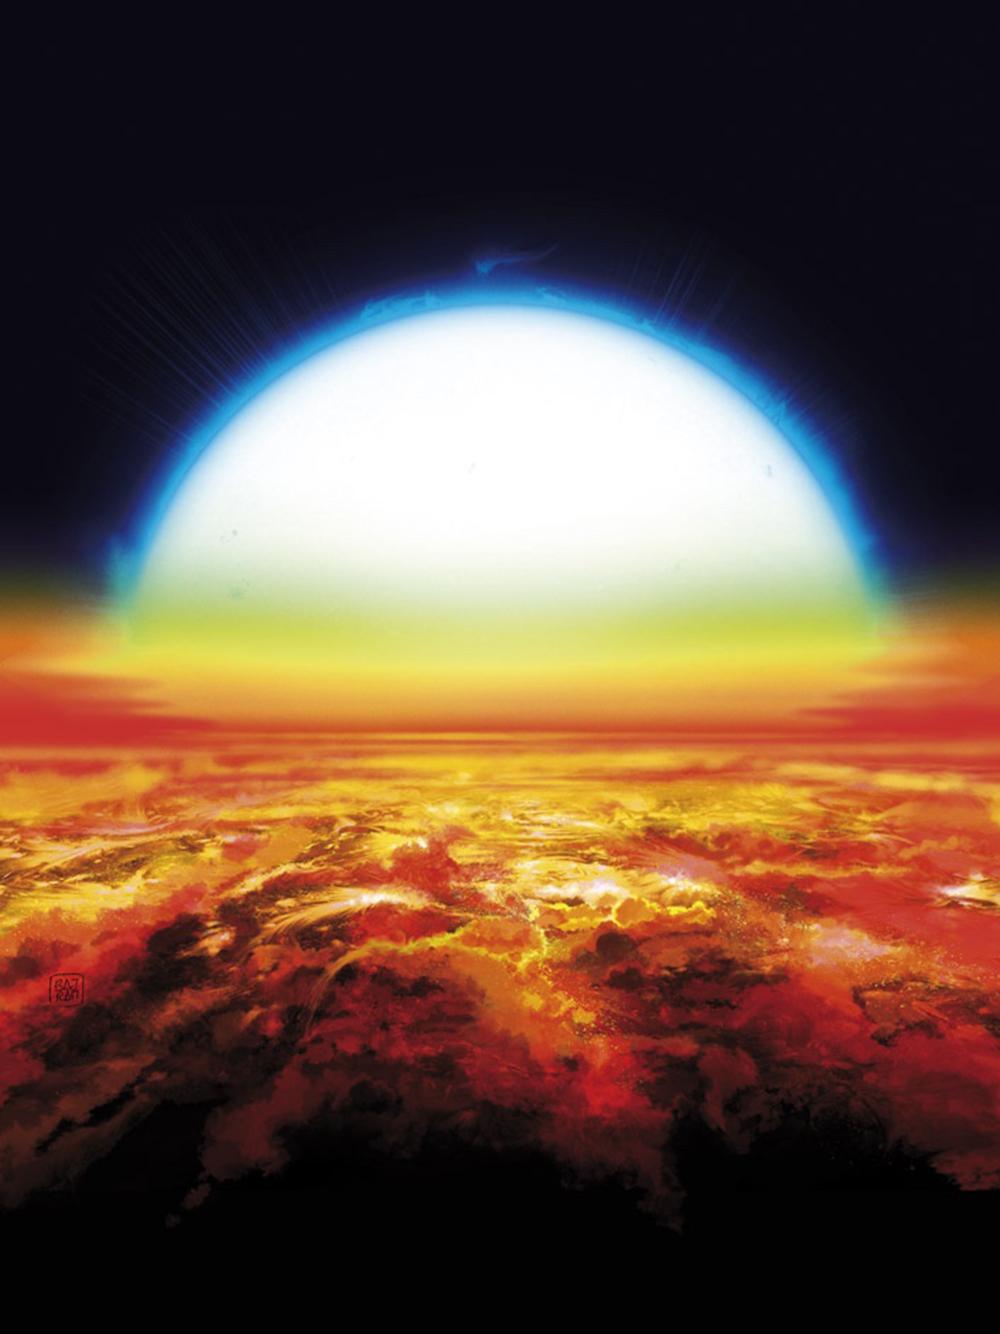 Künstlerische Ansicht eines Sonnenuntergangs über KELT-9b. Unter dieser sengenden Sonne ist die Atmosphäre des Planeten warm genug, um in rötlich-orangenen Tönen zu leuchten und Schwermetalle wie Eisen und Titan zu verdampfen. © Denis Bajram